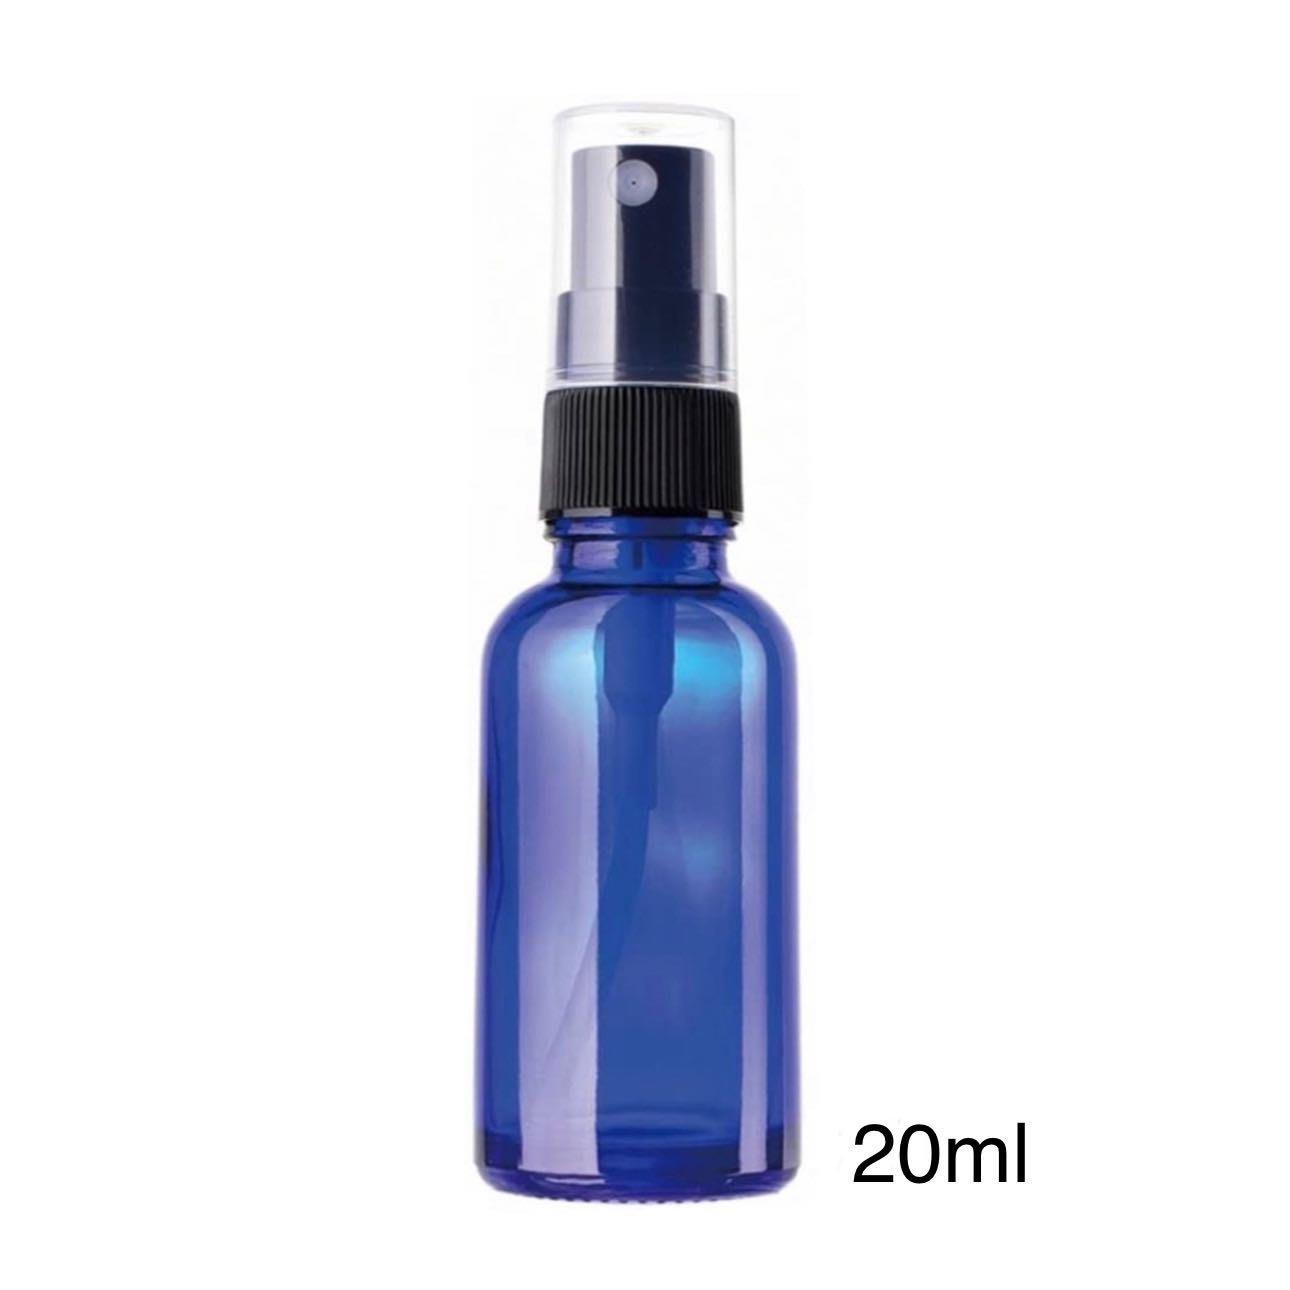 【現貨】臺灣製??20ml玻璃噴霧瓶【藍色避光玻璃噴霧瓶】